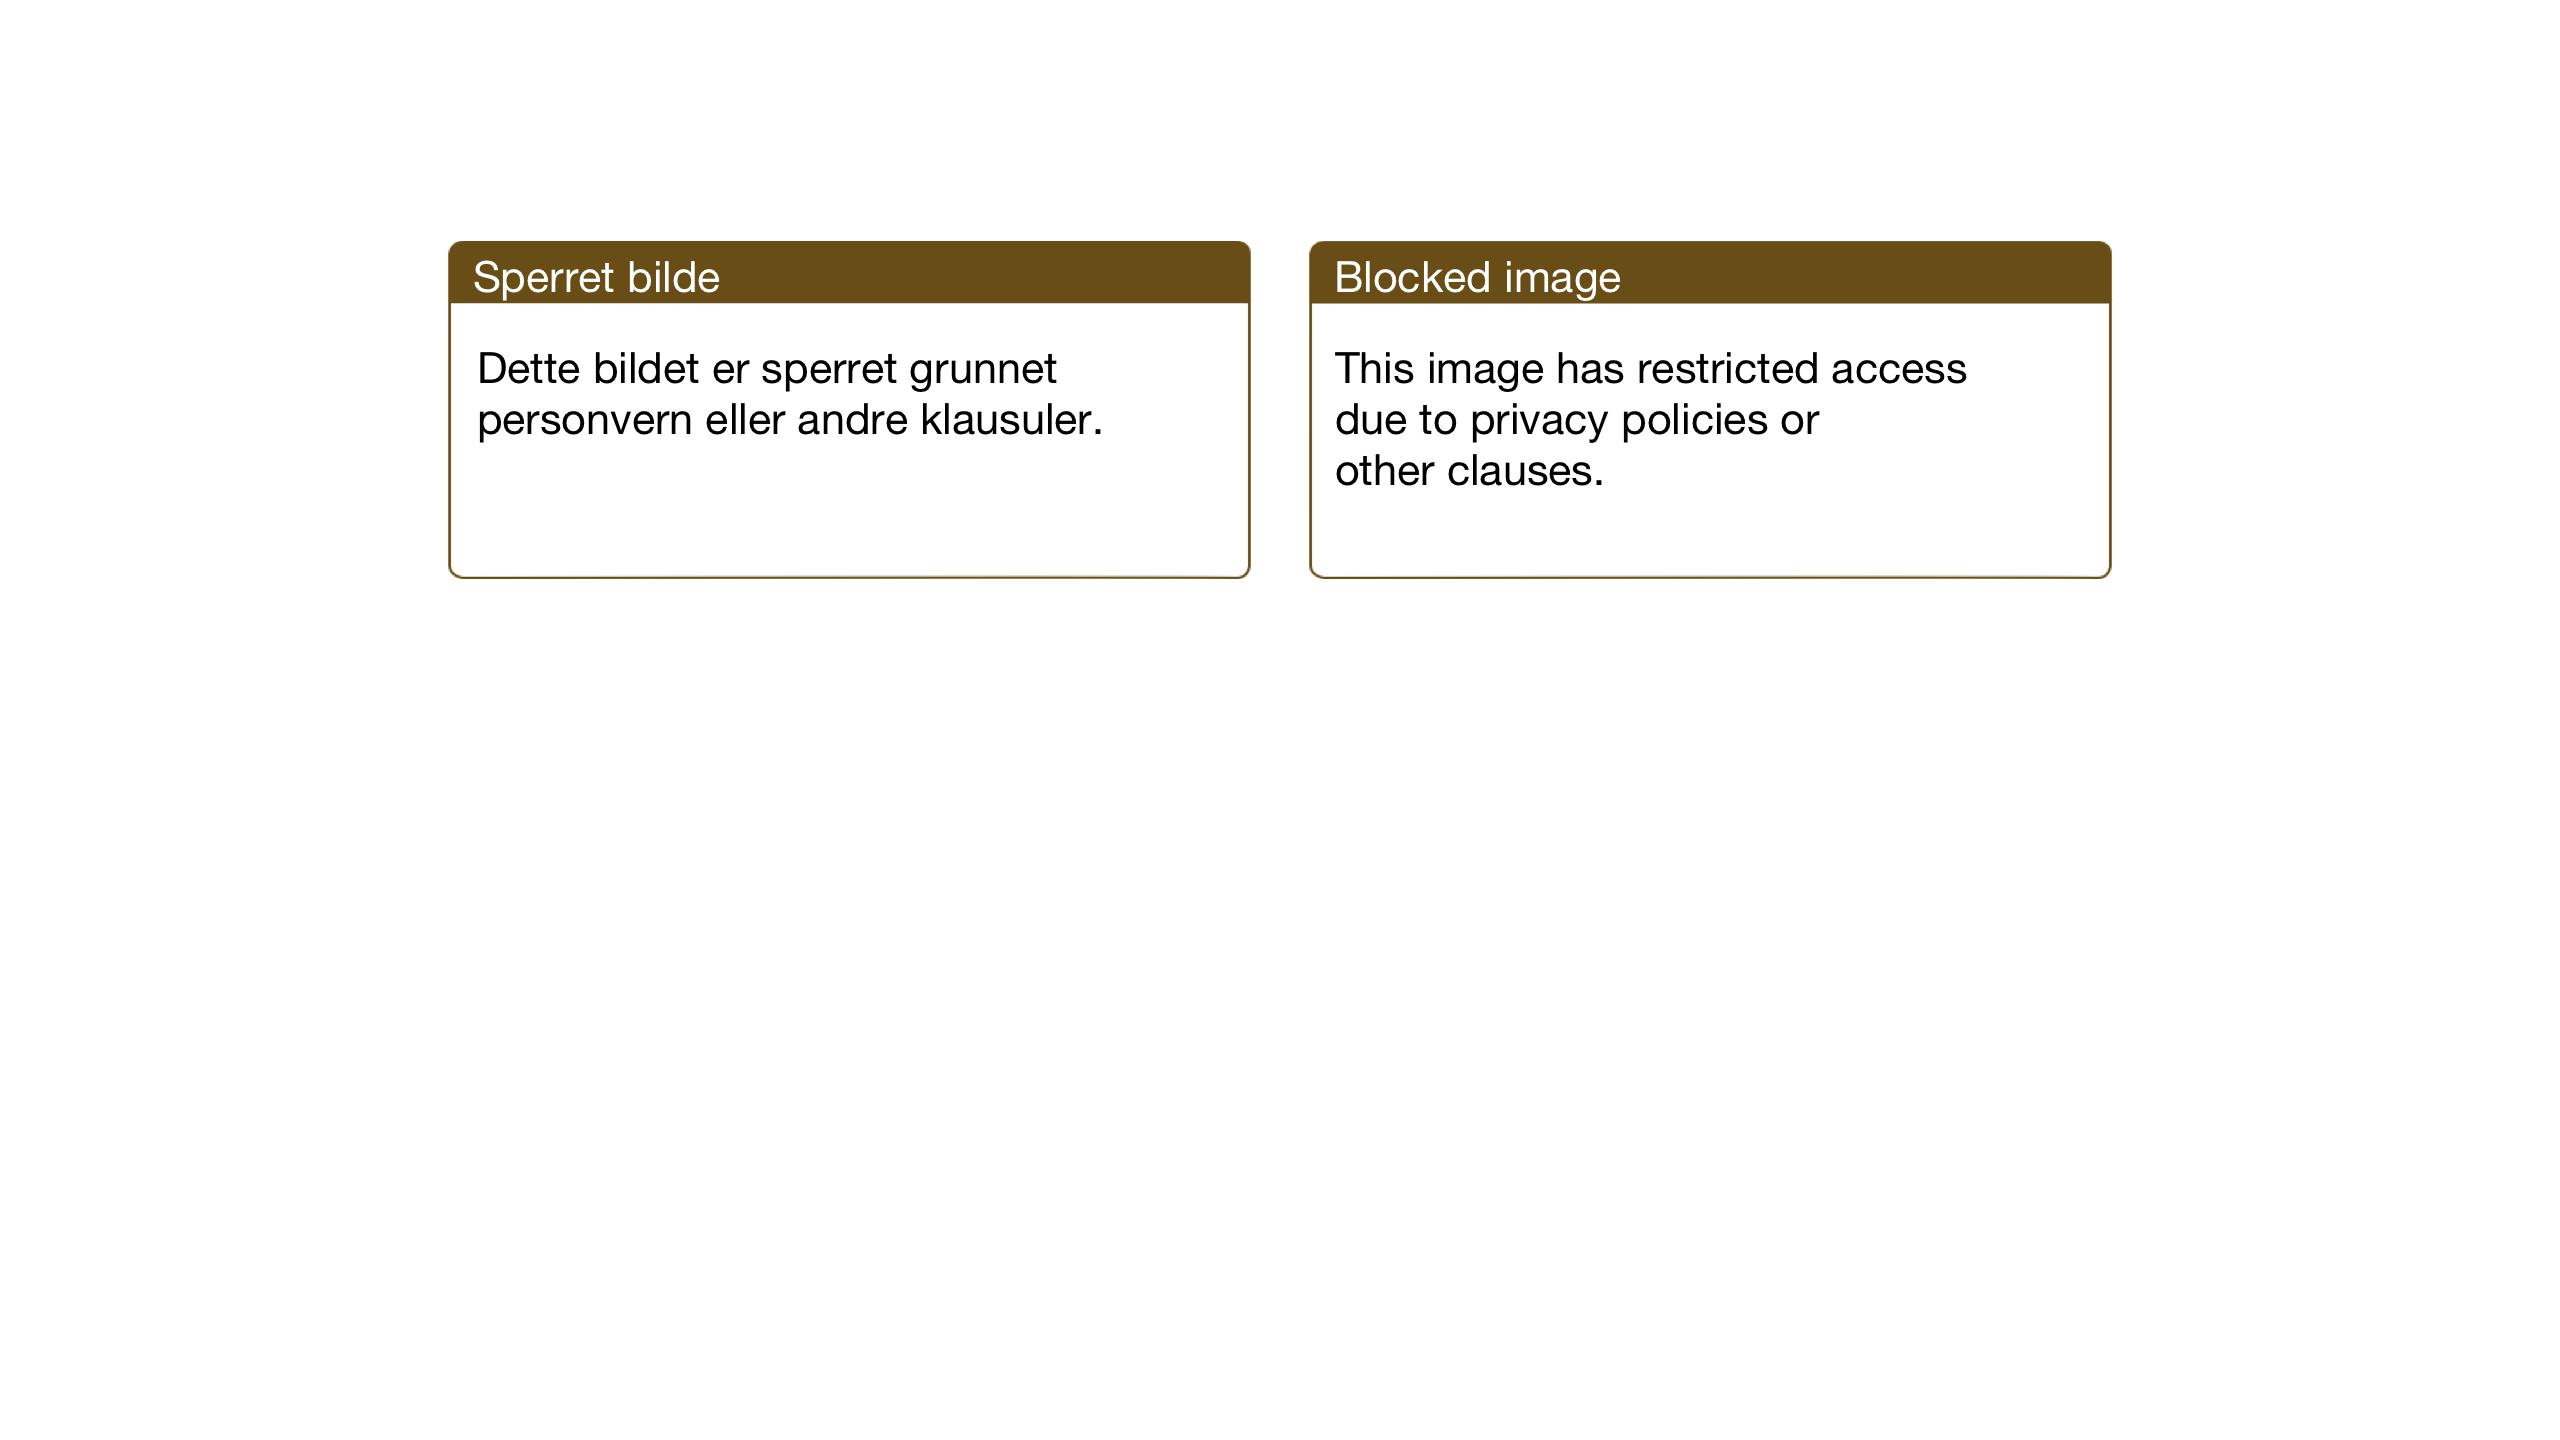 SAT, Ministerialprotokoller, klokkerbøker og fødselsregistre - Nord-Trøndelag, 749/L0481: Klokkerbok nr. 749C03, 1933-1945, s. 7